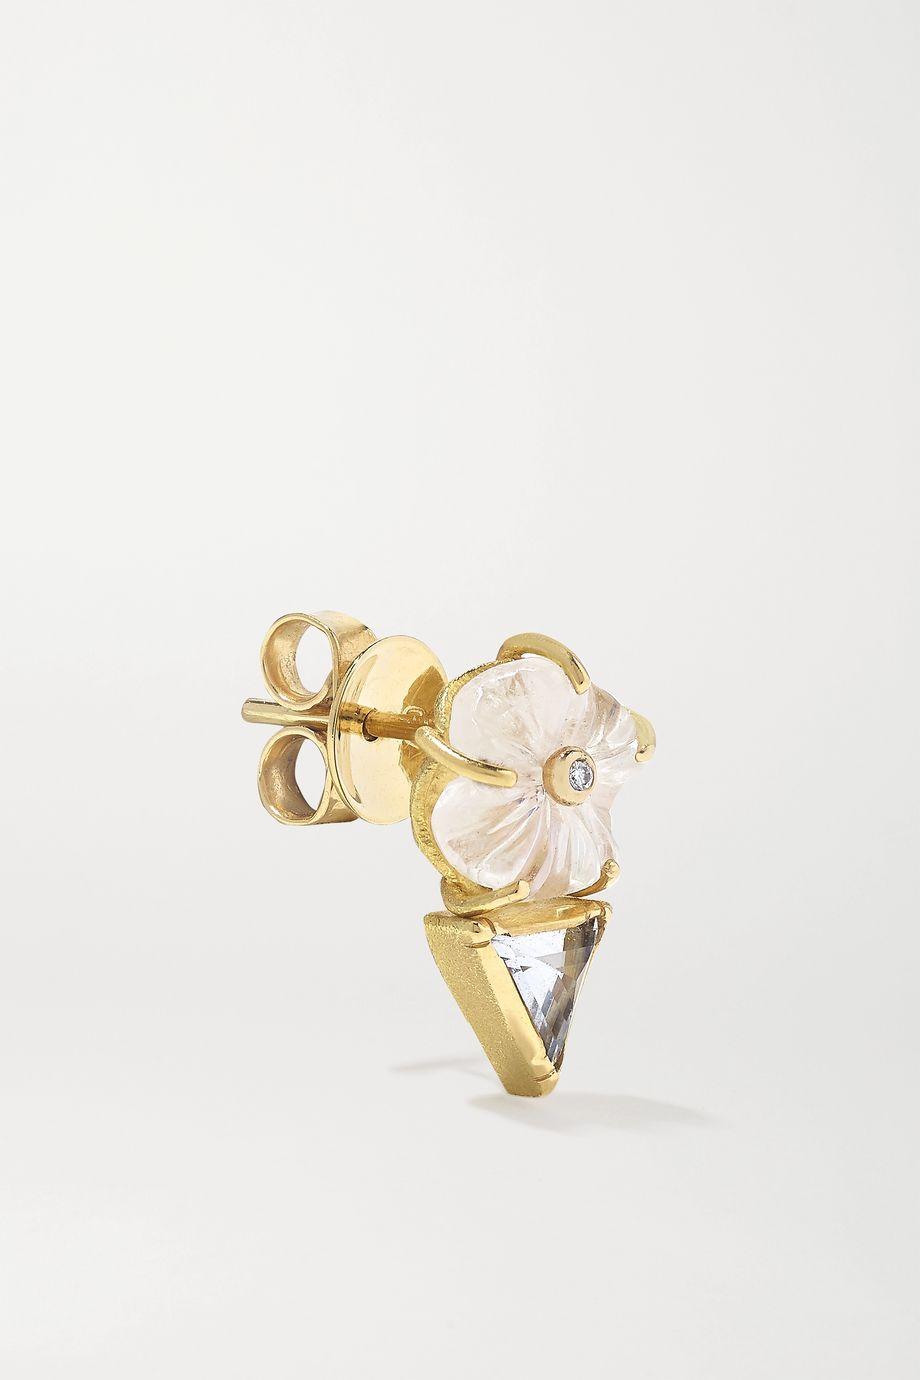 Brooke Gregson Boucles d'oreilles en or 18 carats et pierres multiples Blossom